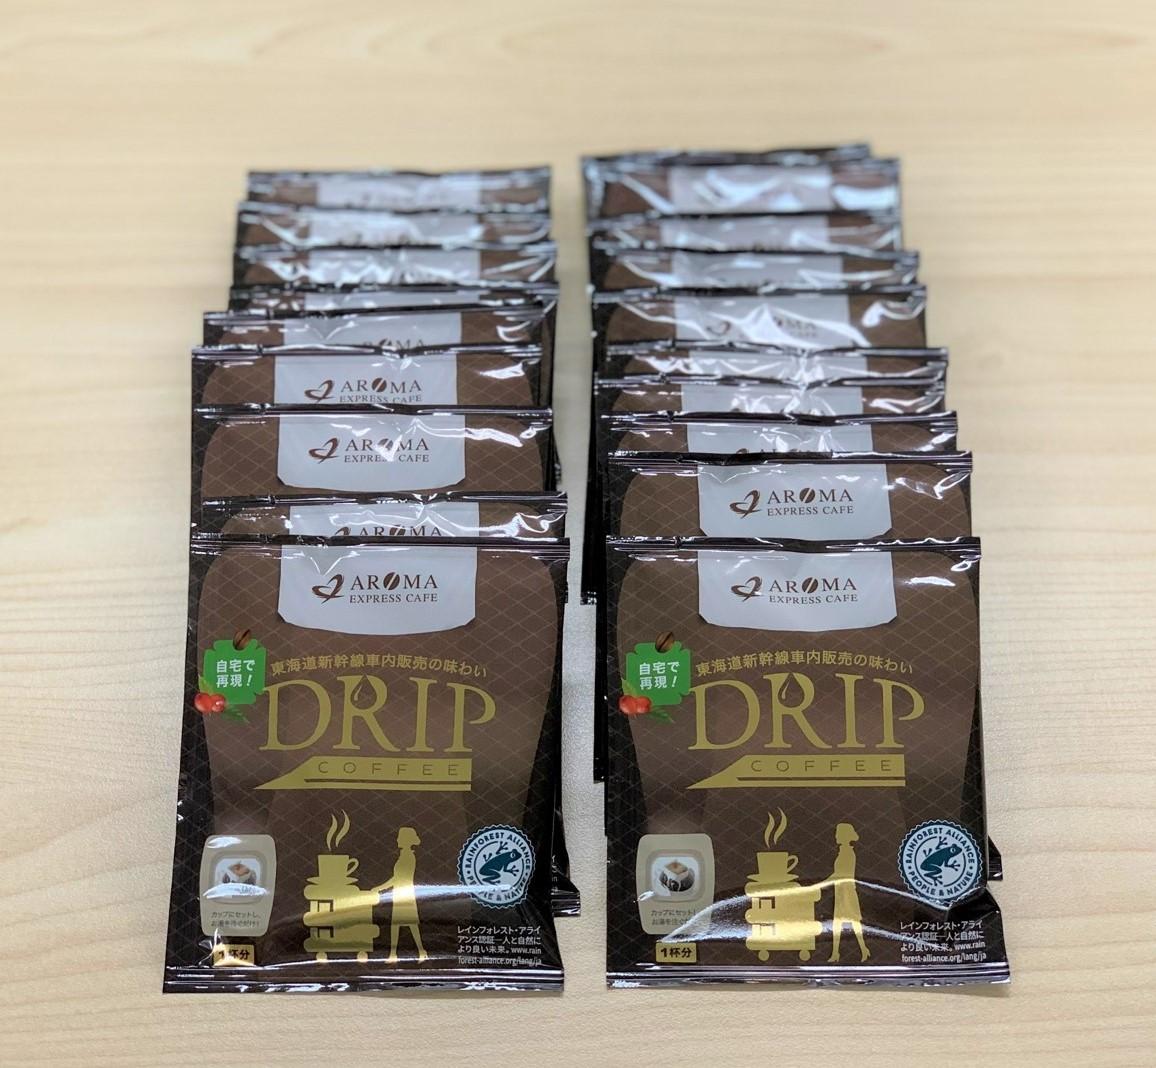 車内販売のホットコーヒー(ドリップコーヒー)20袋入り【送料無料】